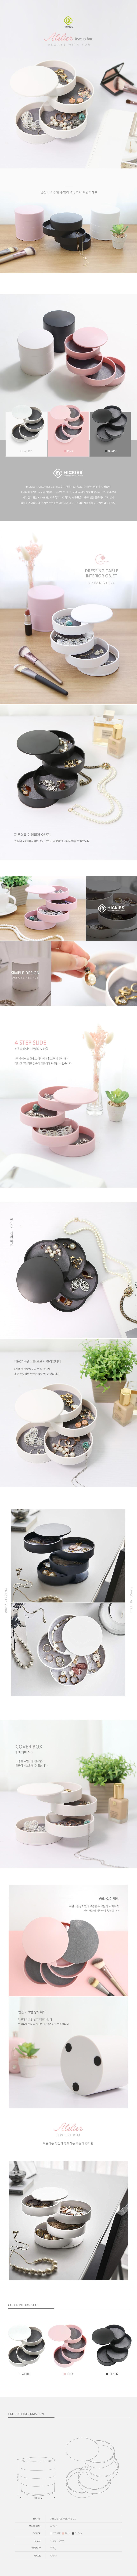 귀걸이 반지 팔찌 주얼리수납 원형 4단보관함 Atelier - 히키스, 14,800원, 보관함/진열대, 주얼리보관함